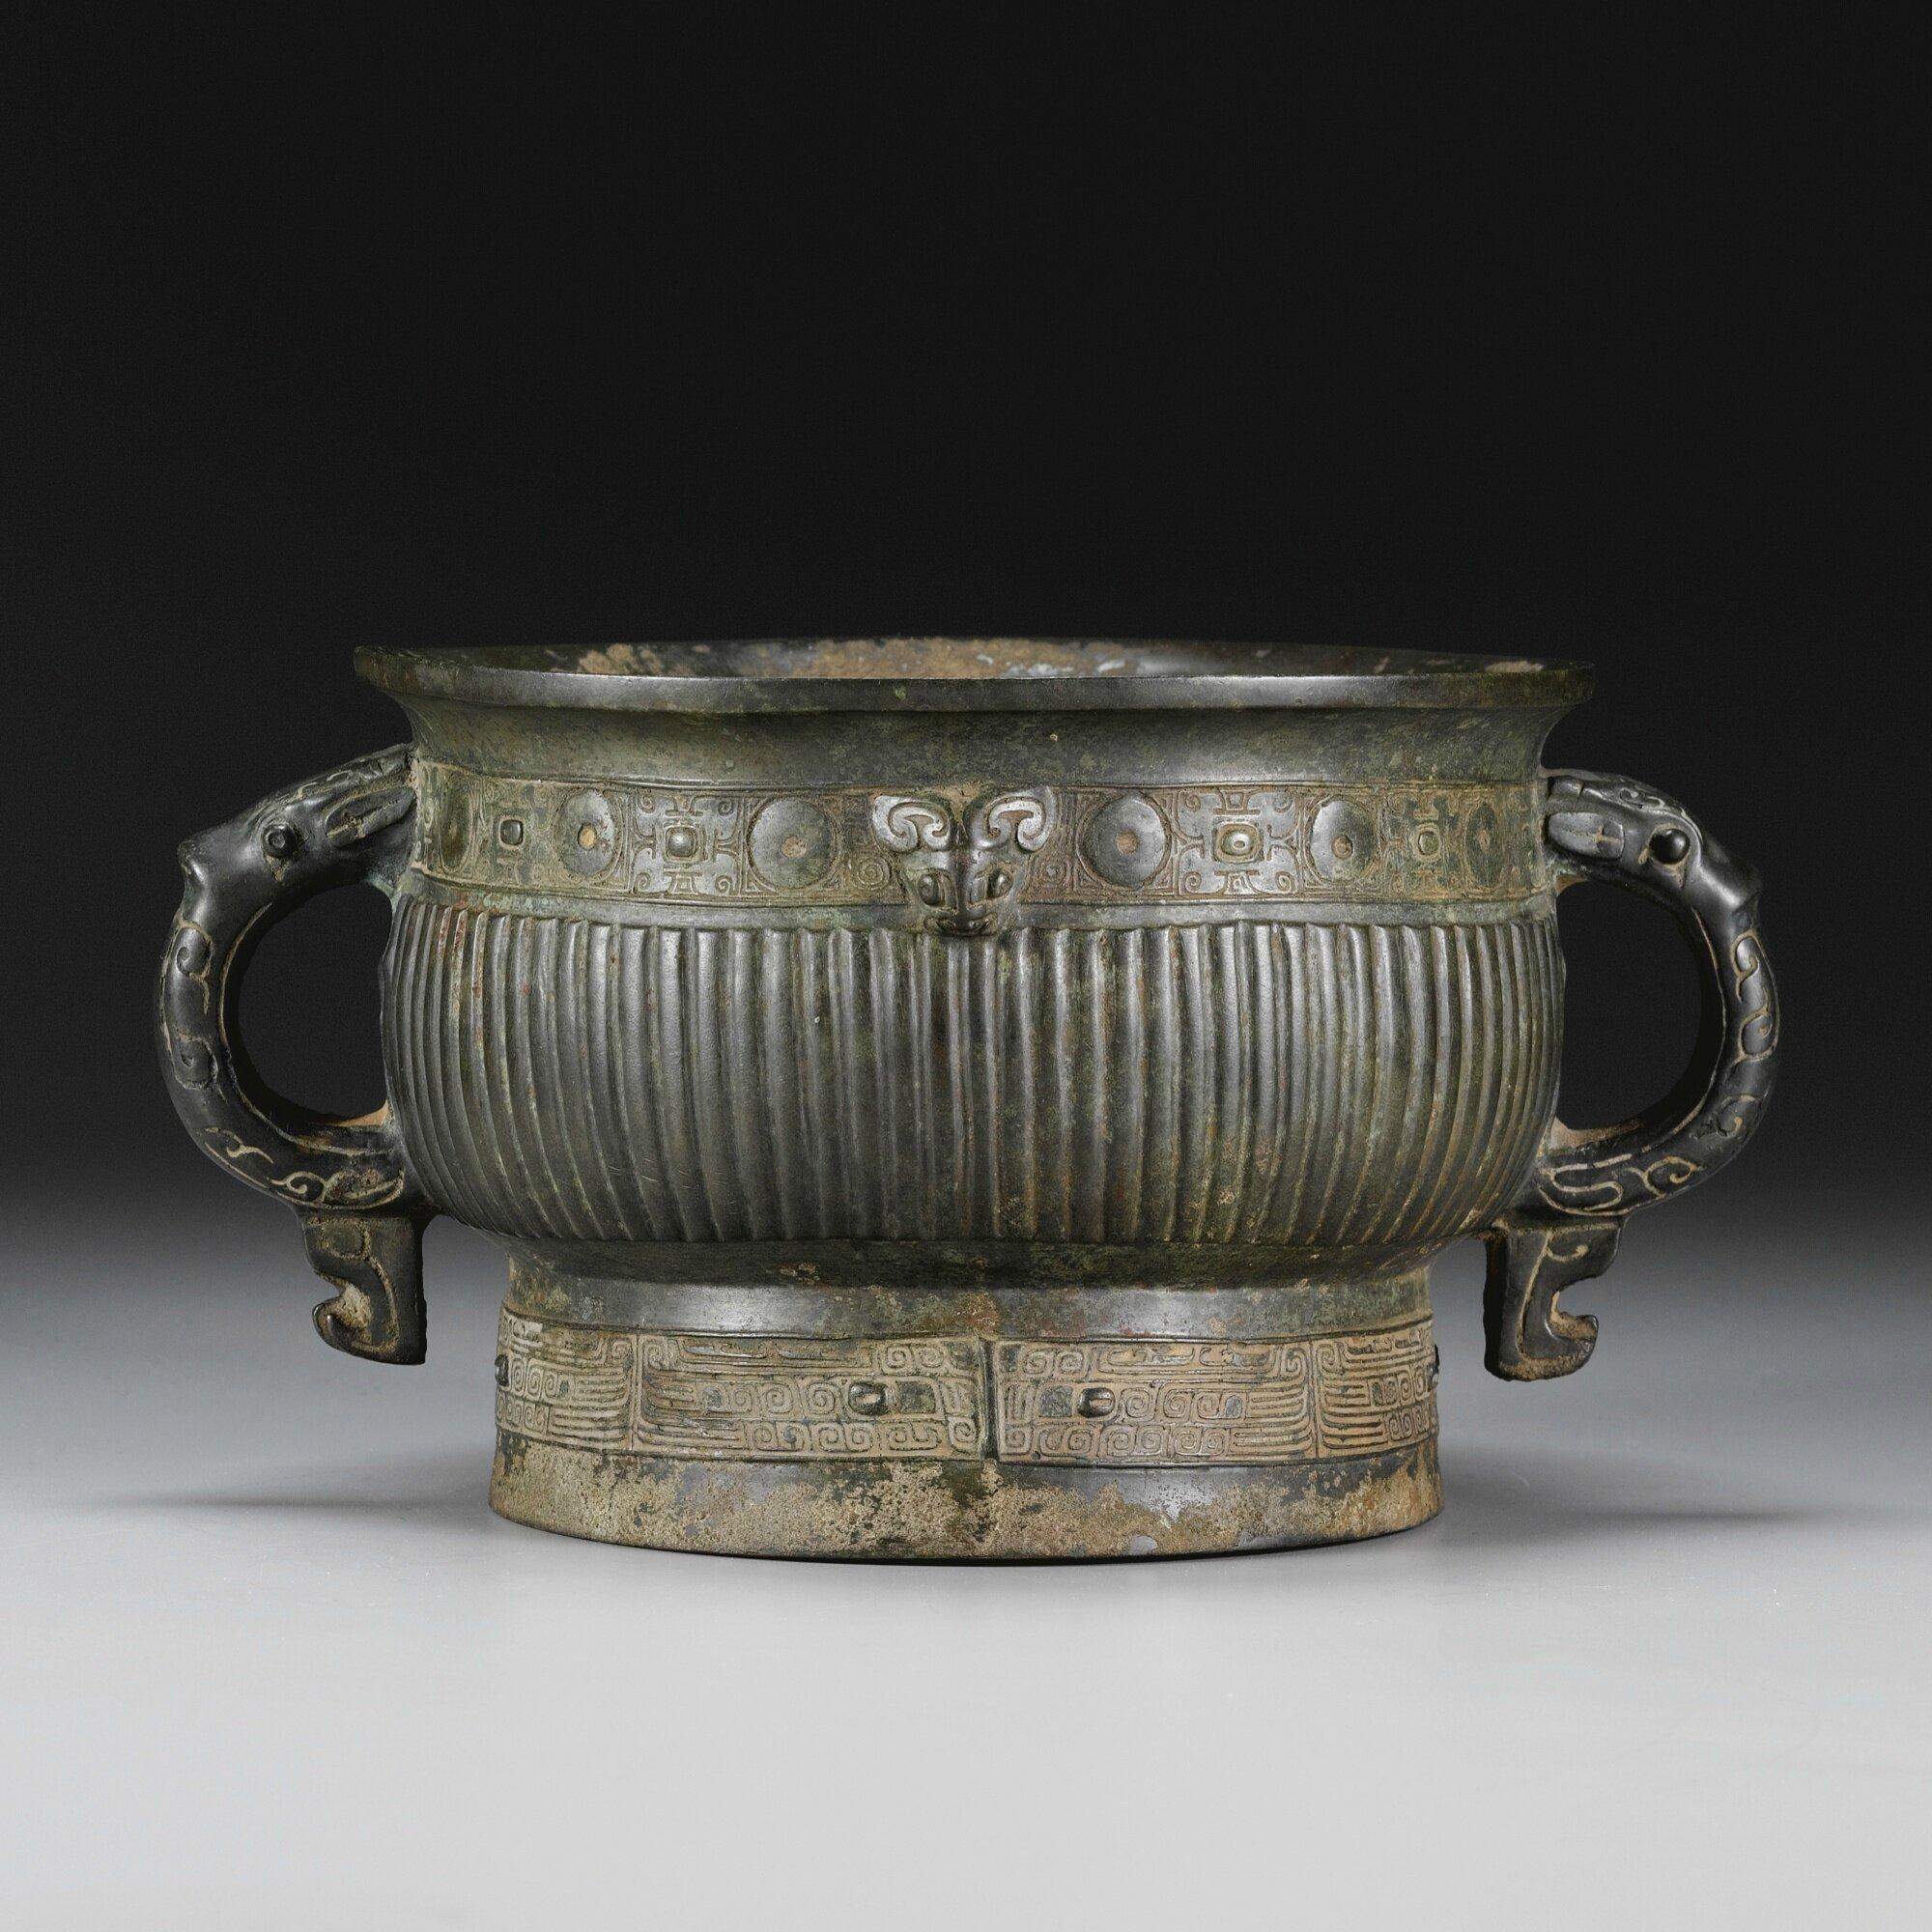 An archaic bronze ritual food vessel, gui, Shang dynasty-Western Zhou dynasty